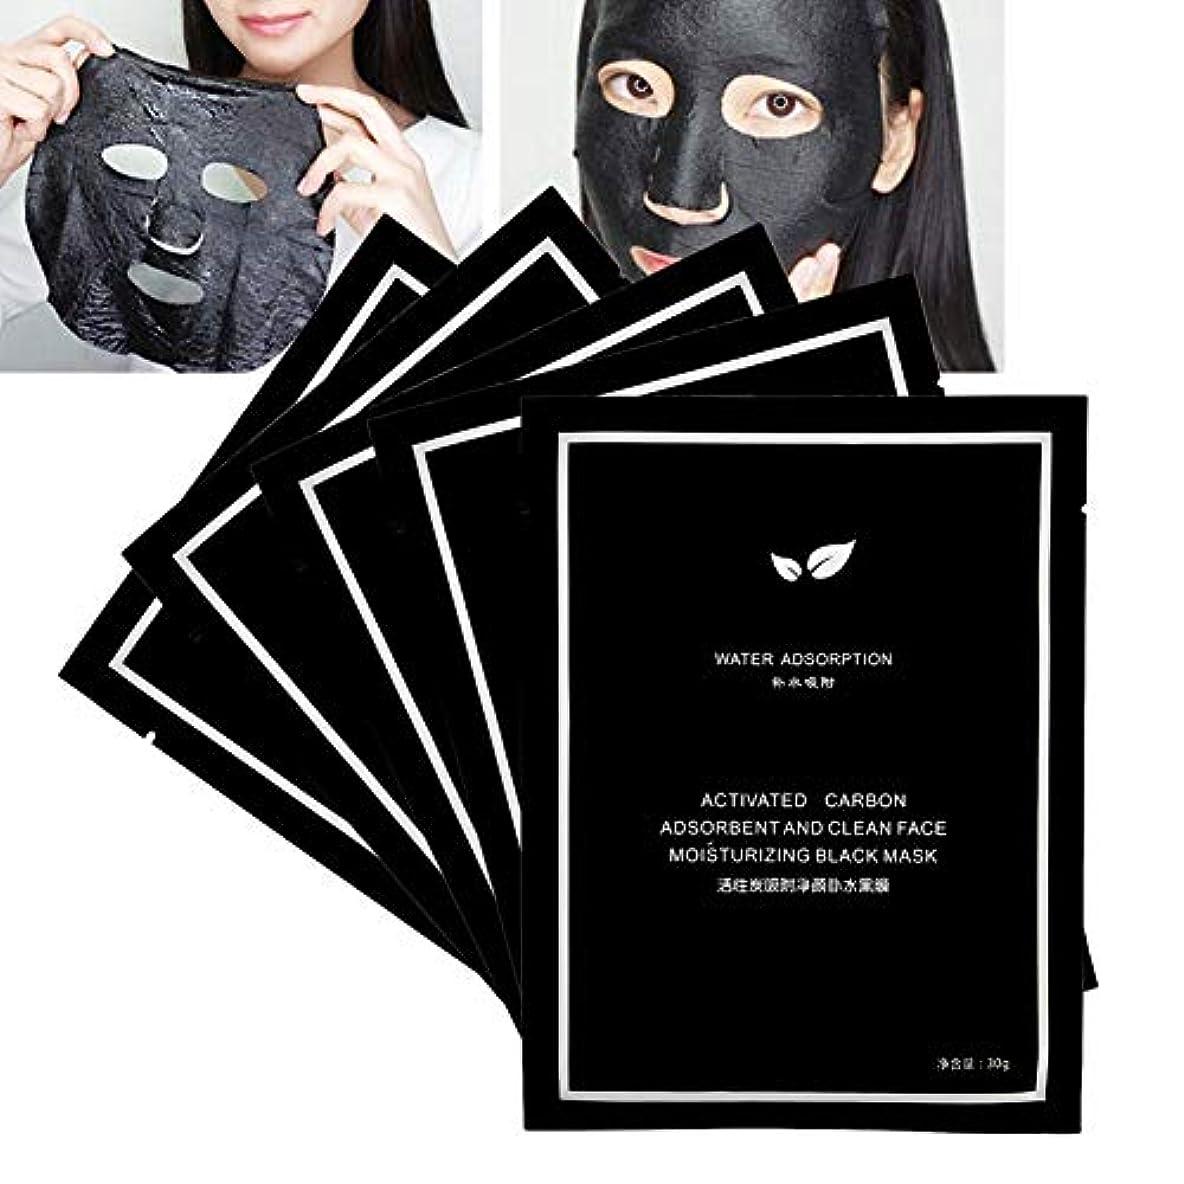 自信があるベル流5枚セット 活性炭マスク 保湿 フェイスブラックマスク オイルコントロールブラックヘッドの除去汚れ除去スキンケア